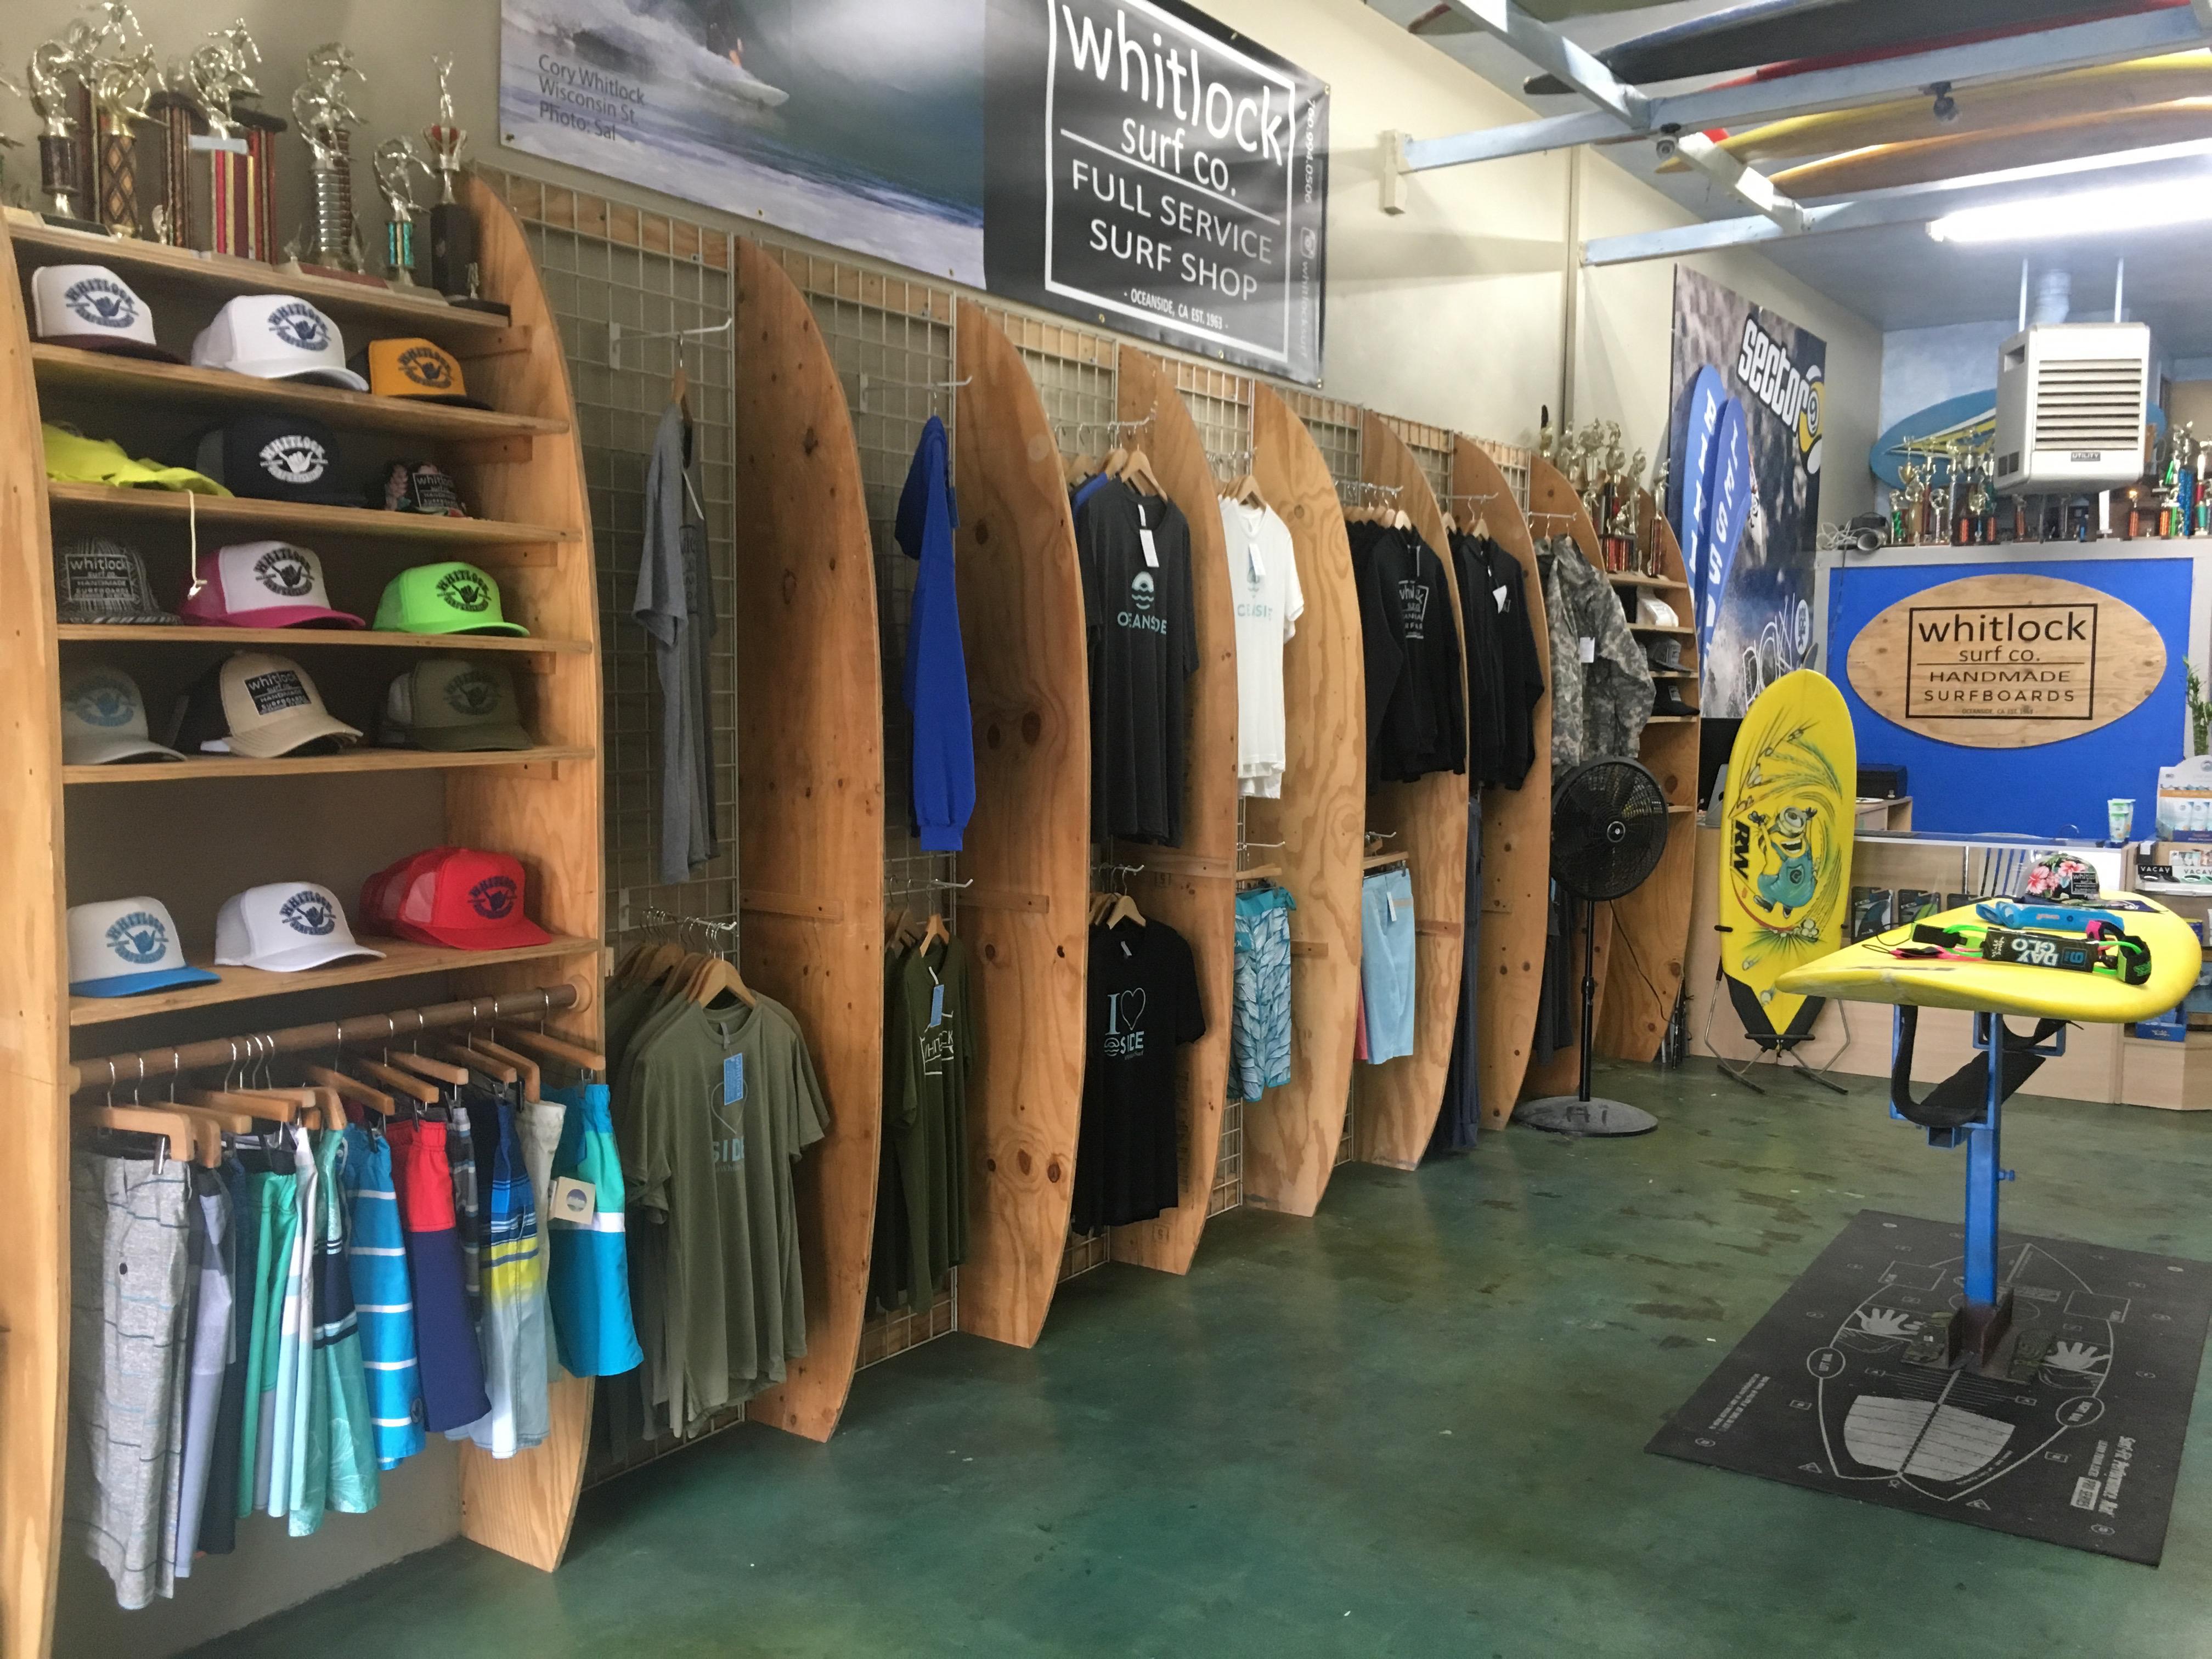 Whitlock Surf Co interior.jpg